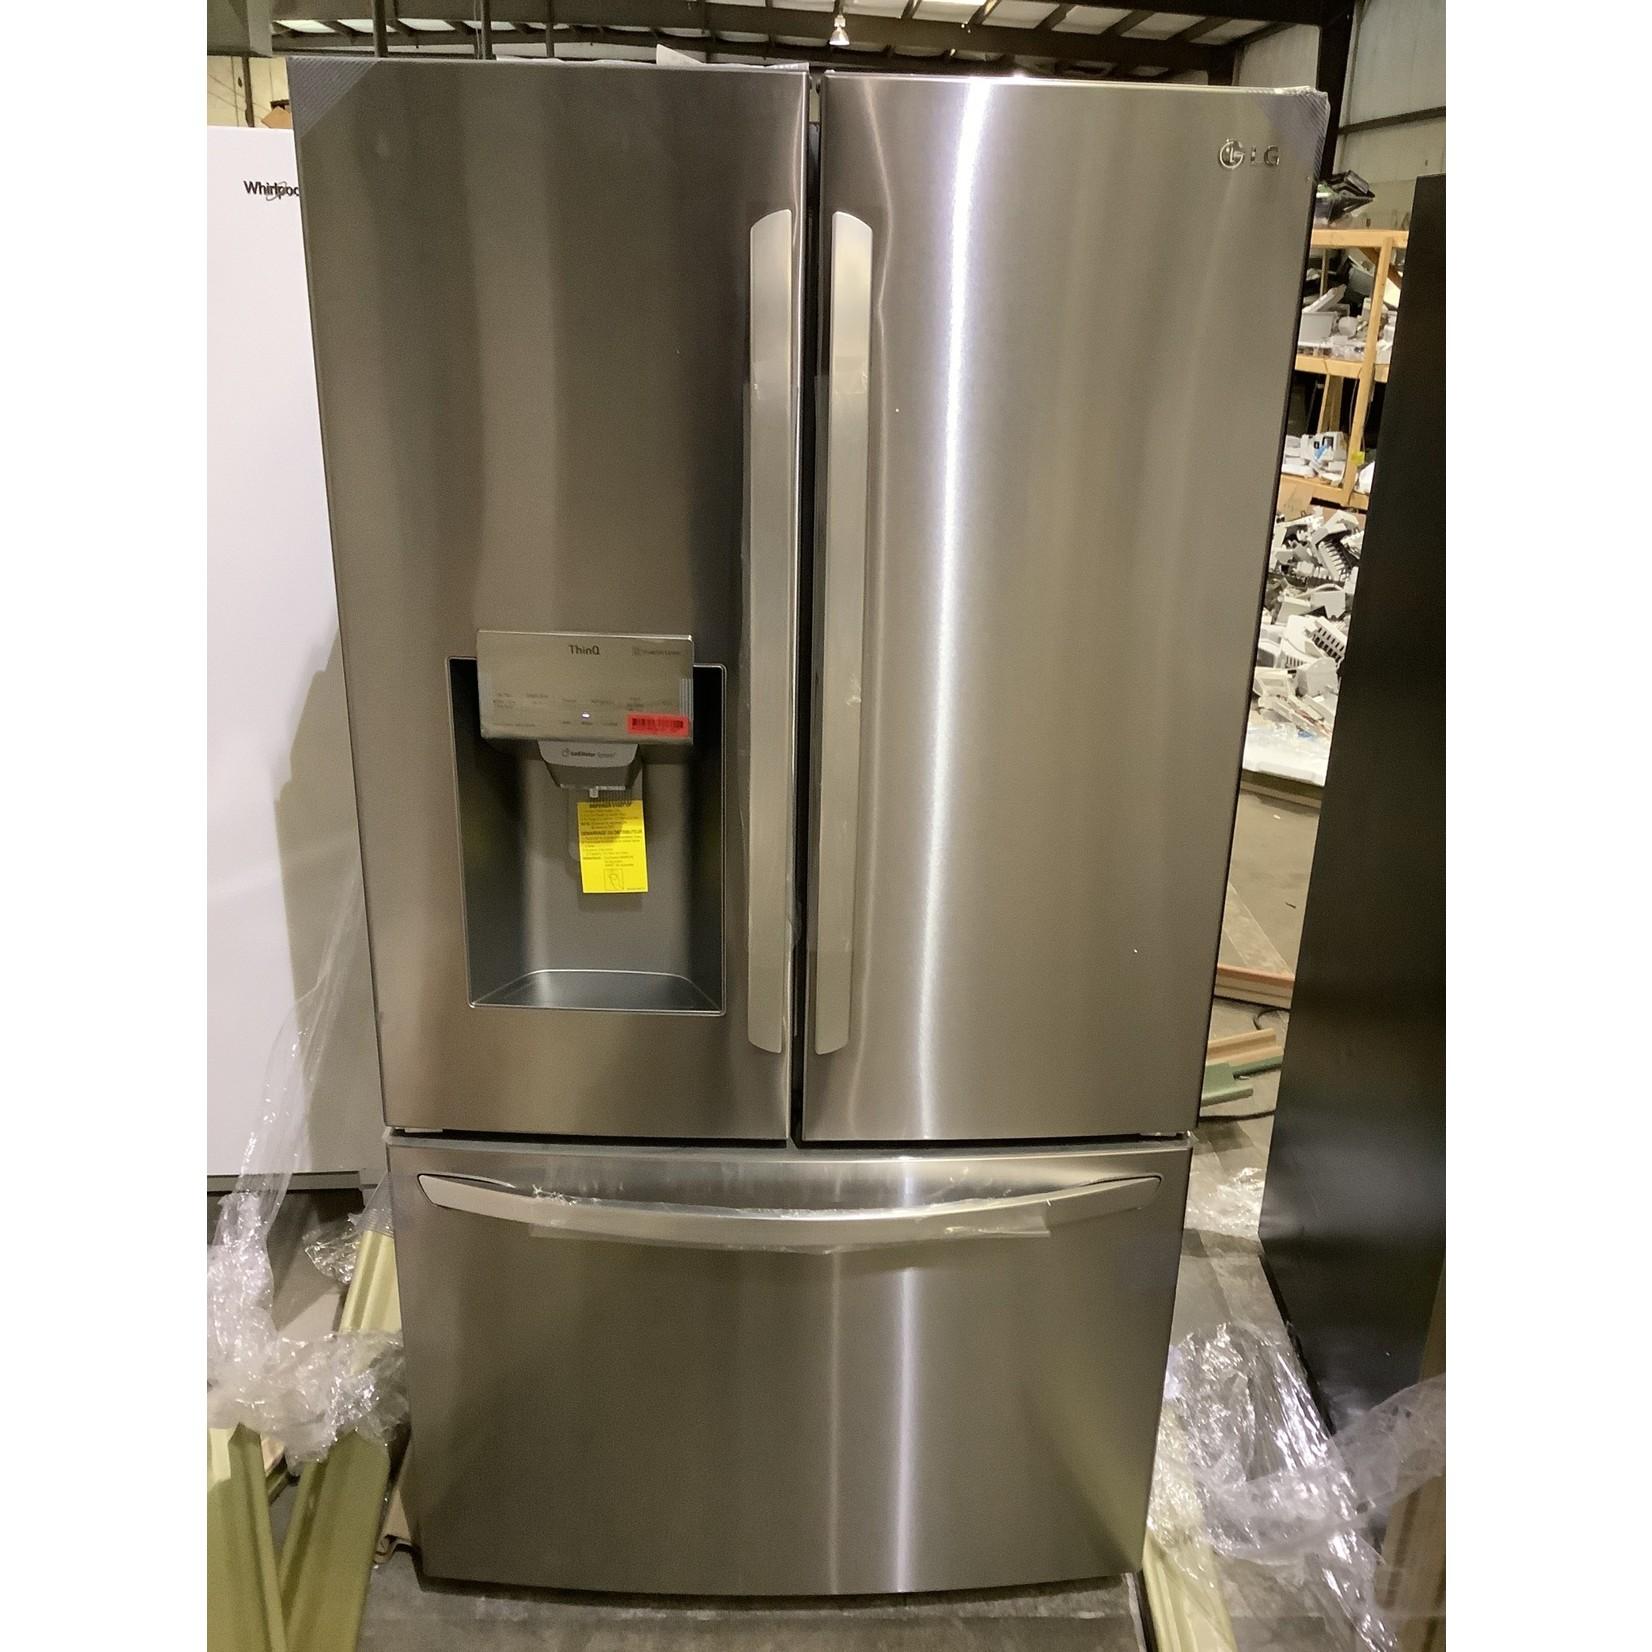 LG Lg 3 door refrigerator